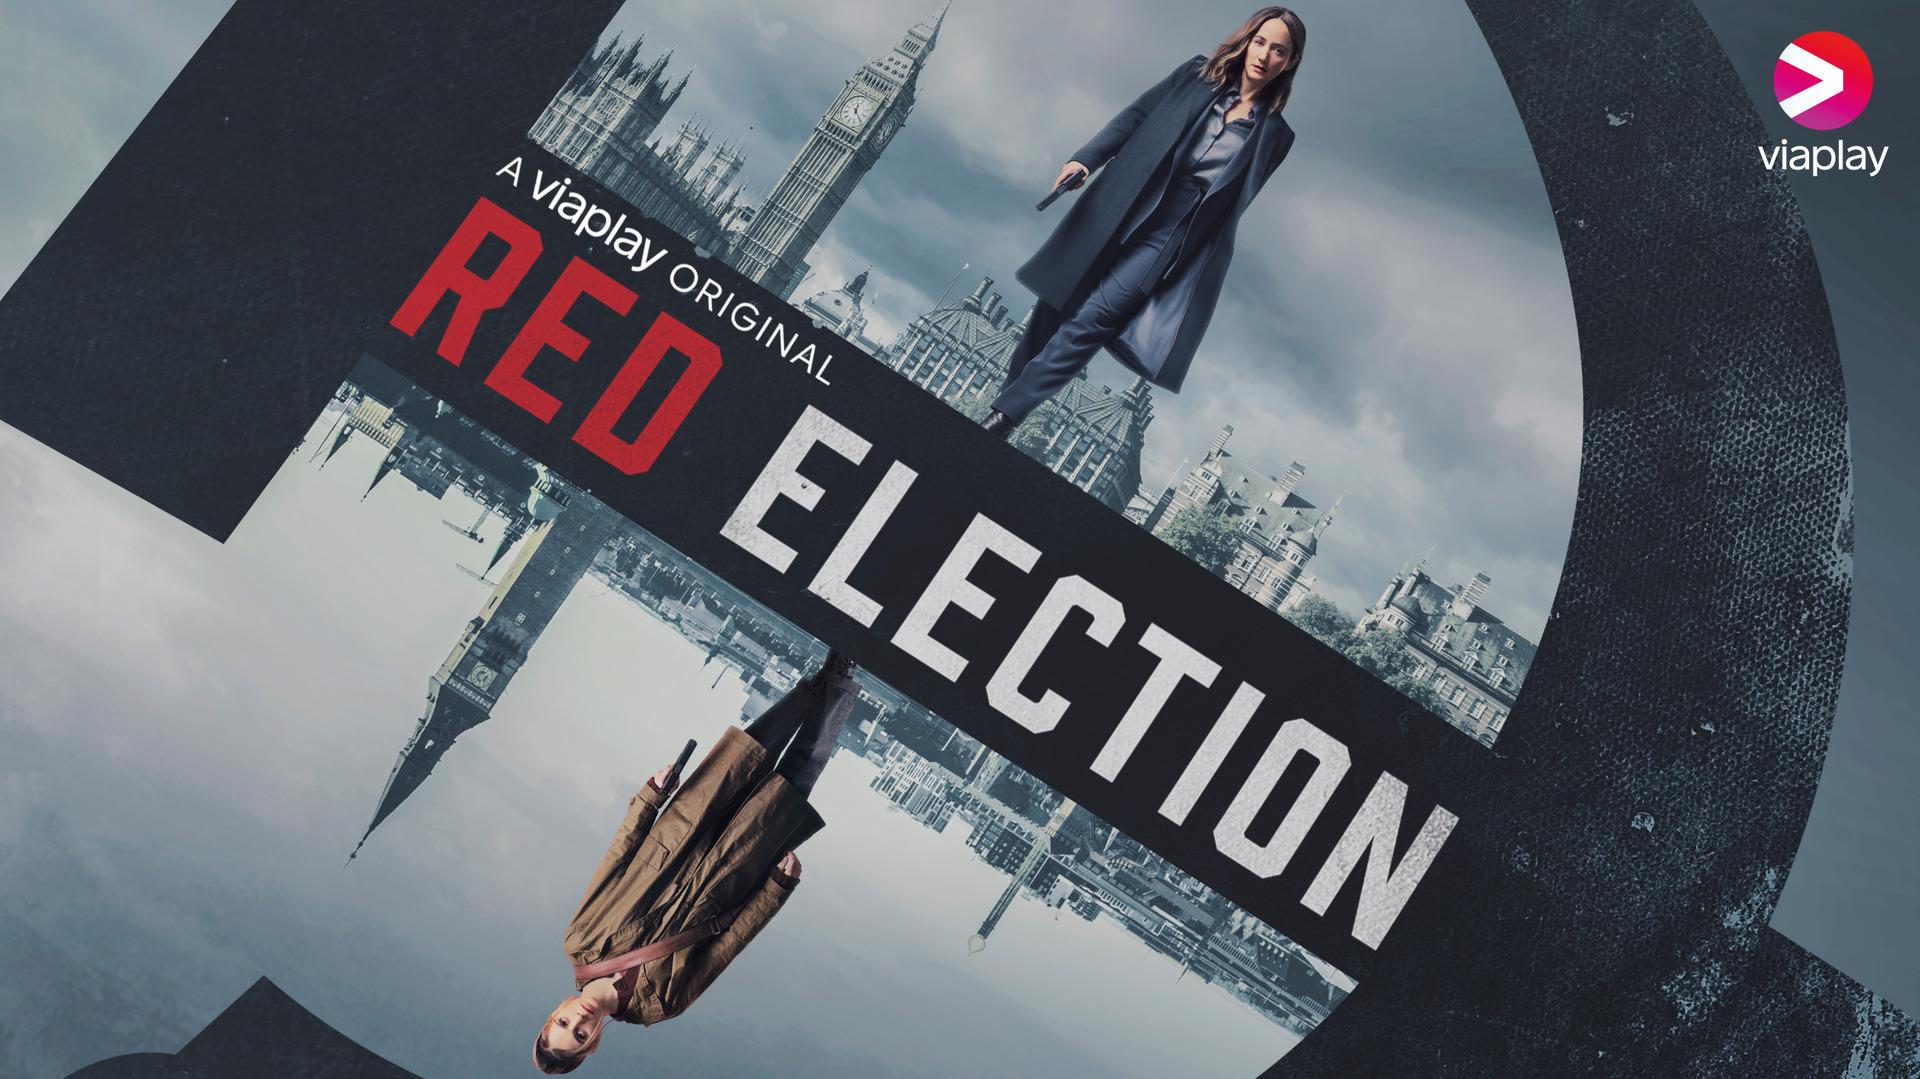 Show Красное голосование